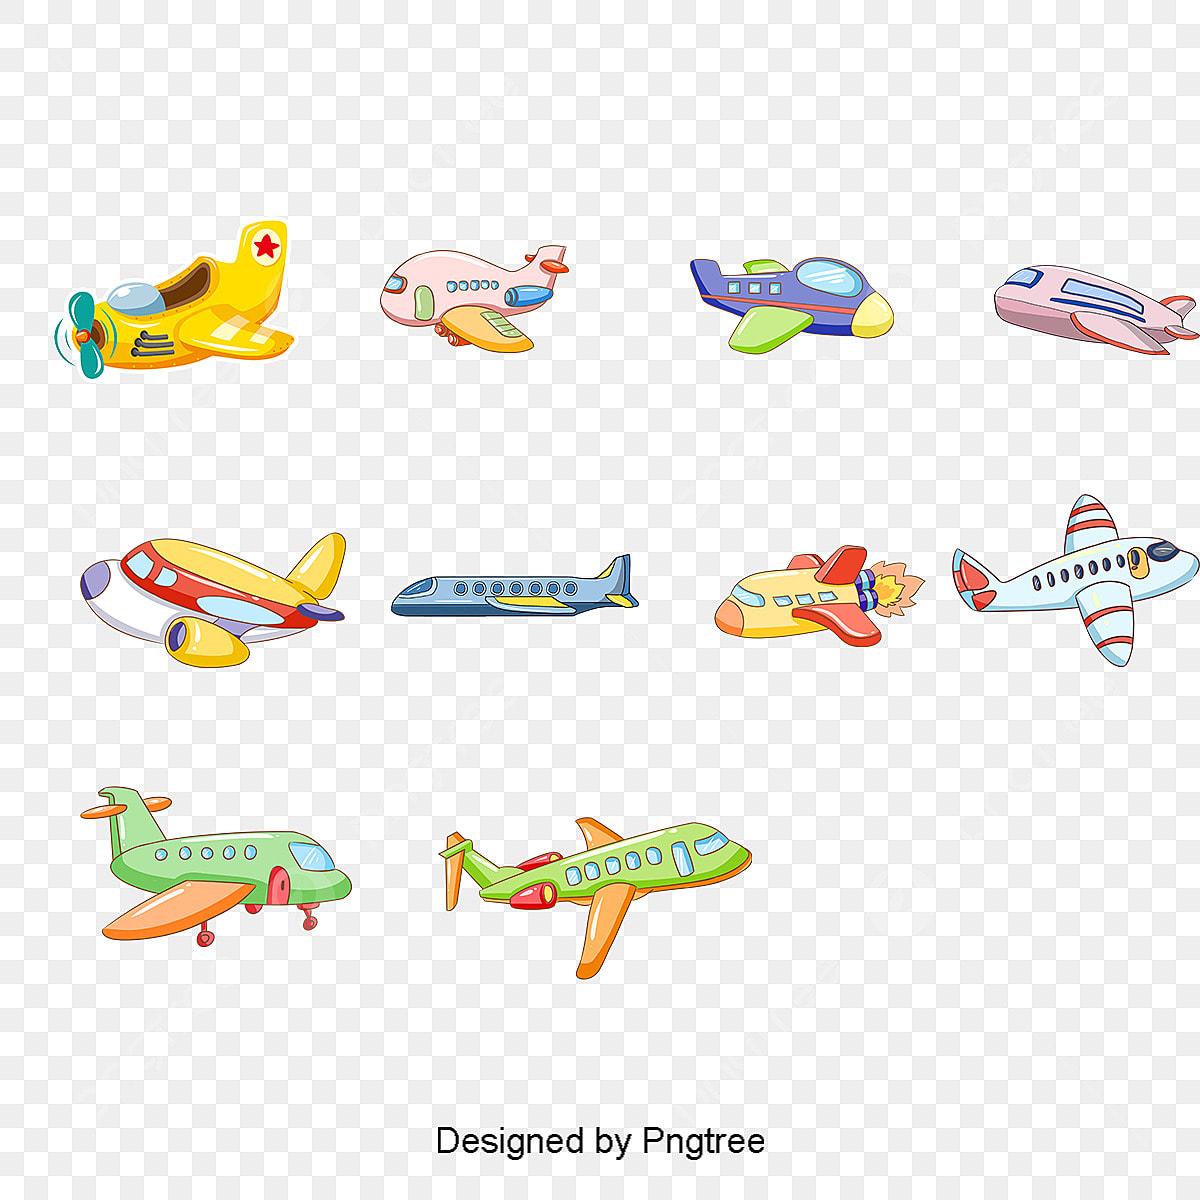 Grafico De Vetor De Desenhos Animados Aviao De Brinquedo Desenho